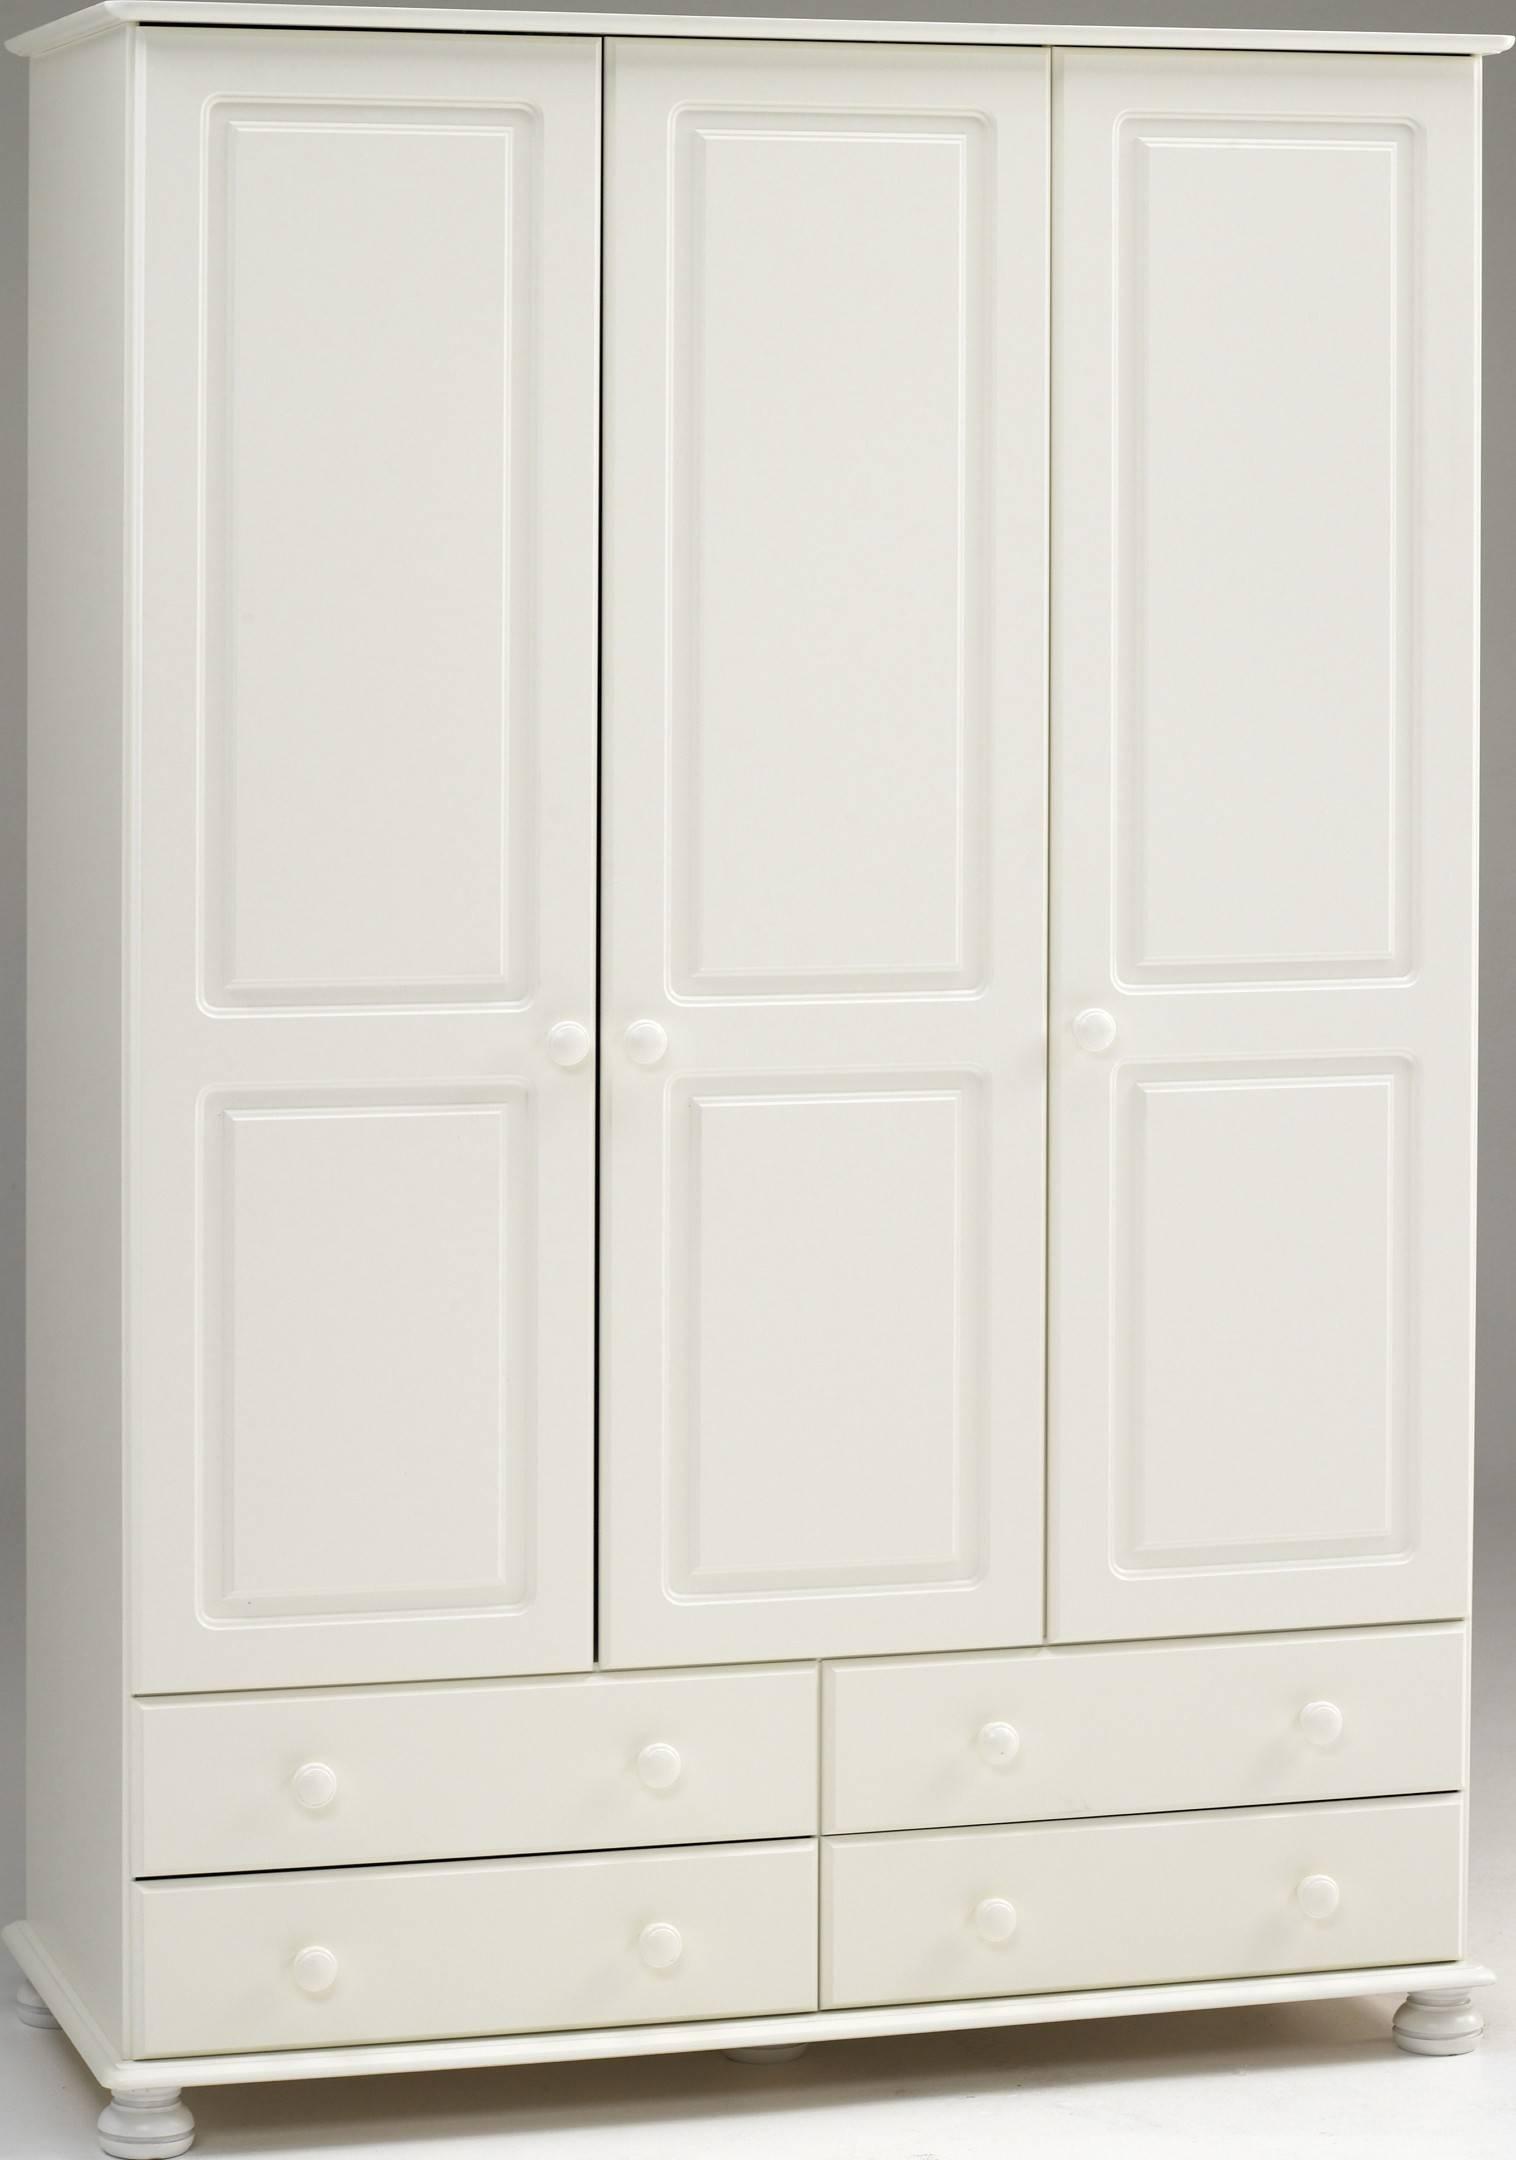 Steens Richmond White 3 Door 4 Drawer Wardrobe within White 3 Door Wardrobes With Drawers (Image 12 of 15)